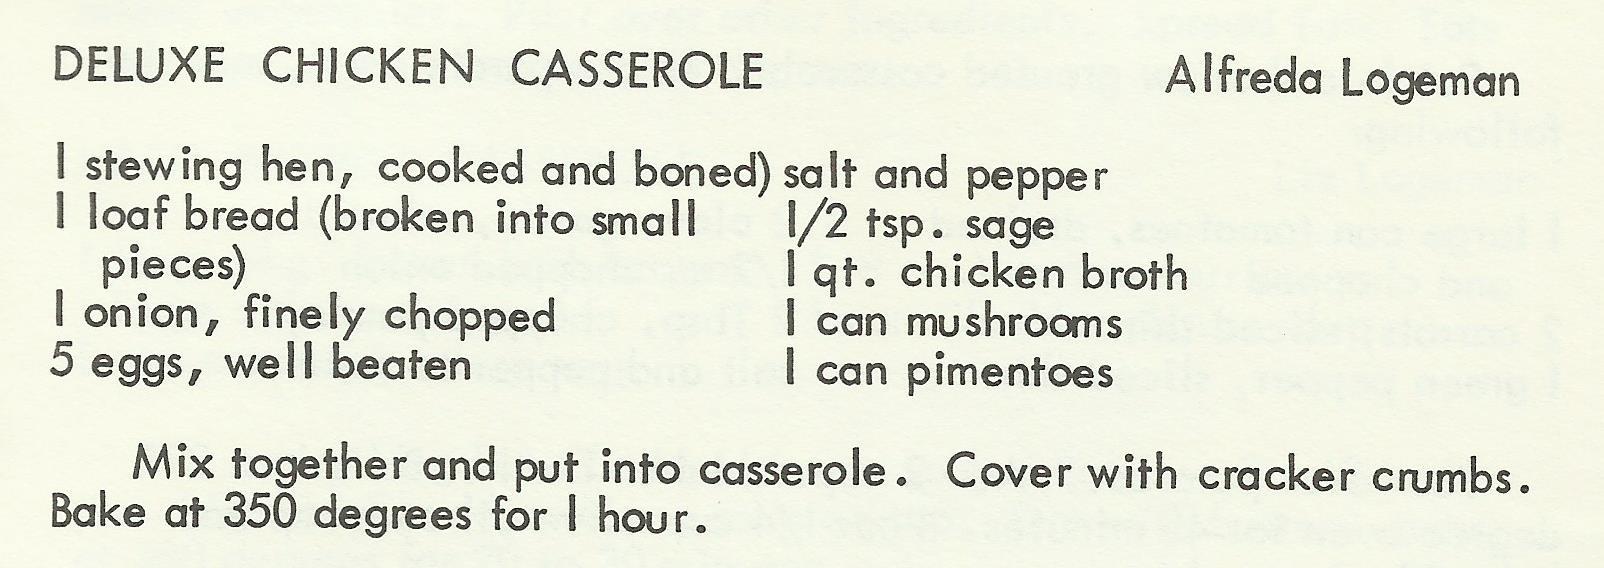 Deluxe Chicken Casserole